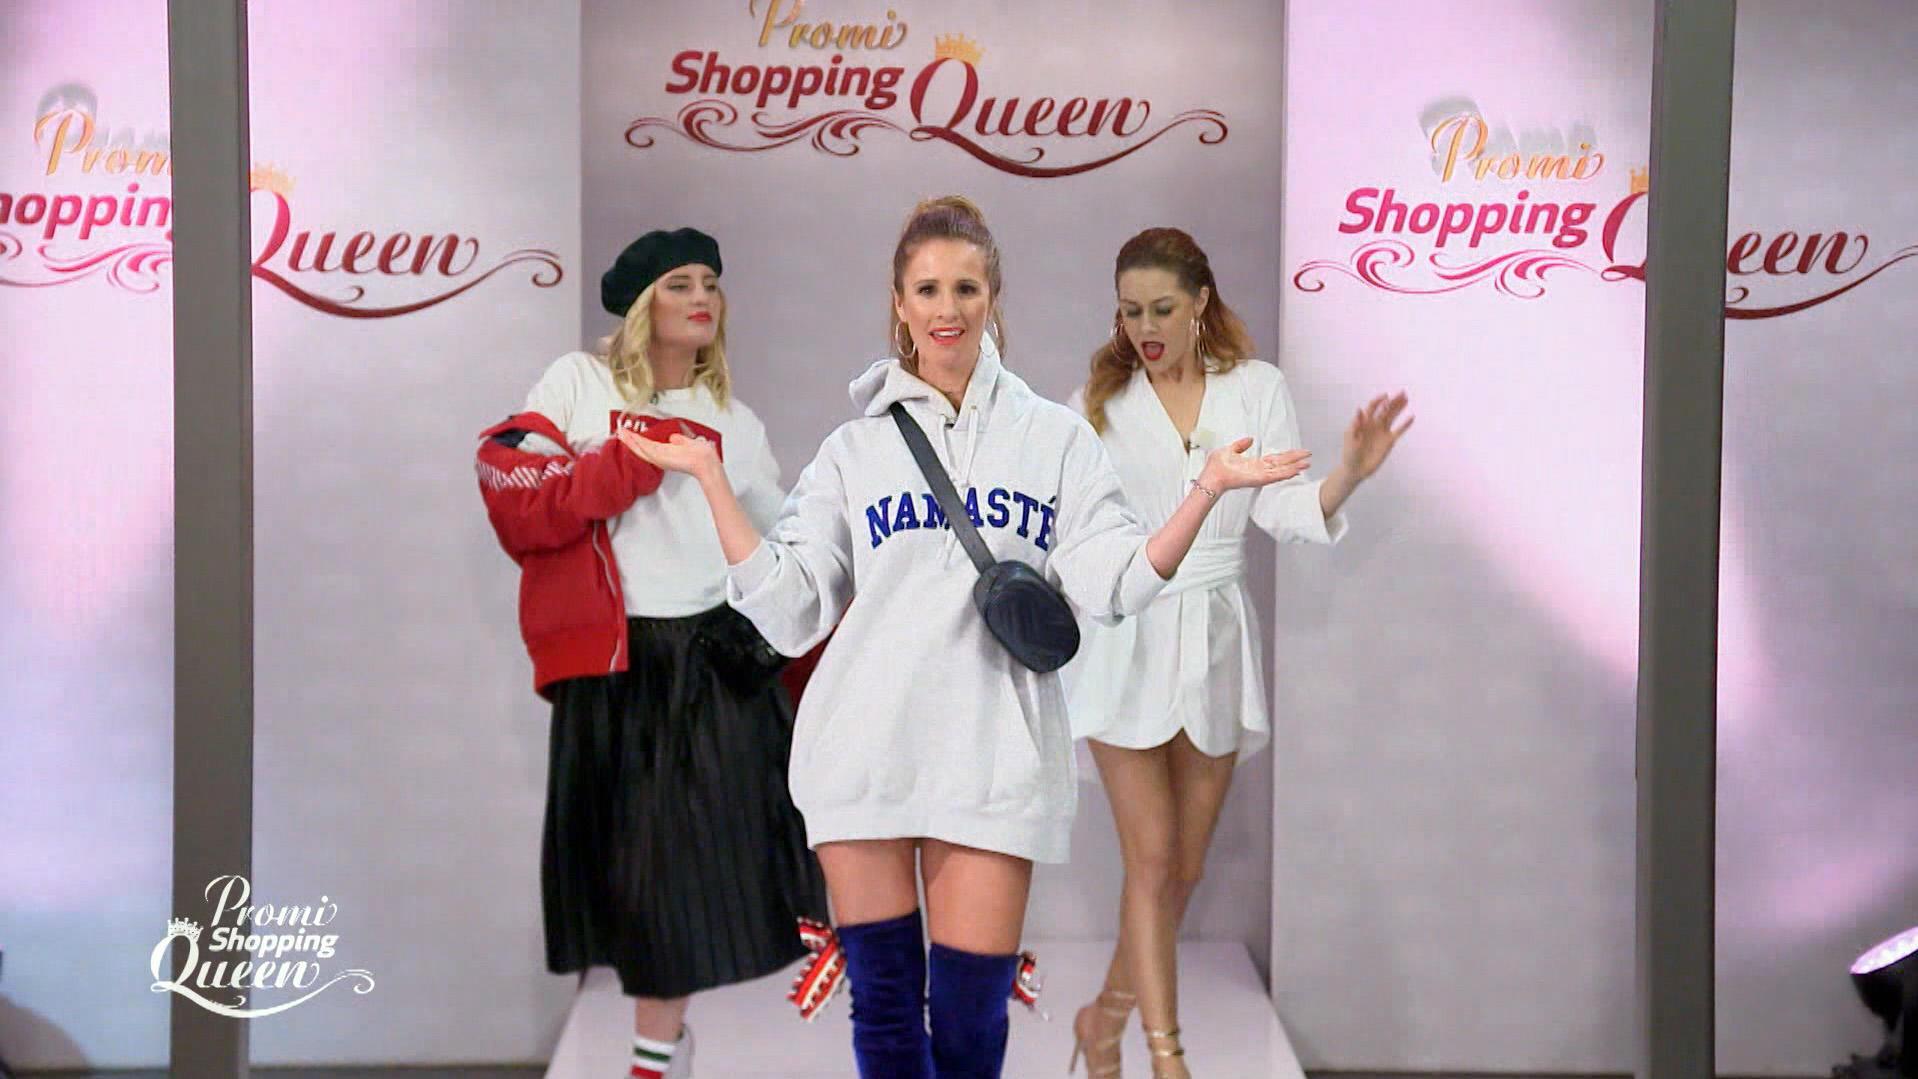 Promi Shopping Queen Luna Schweiger Schnappt Sich Den Sieg